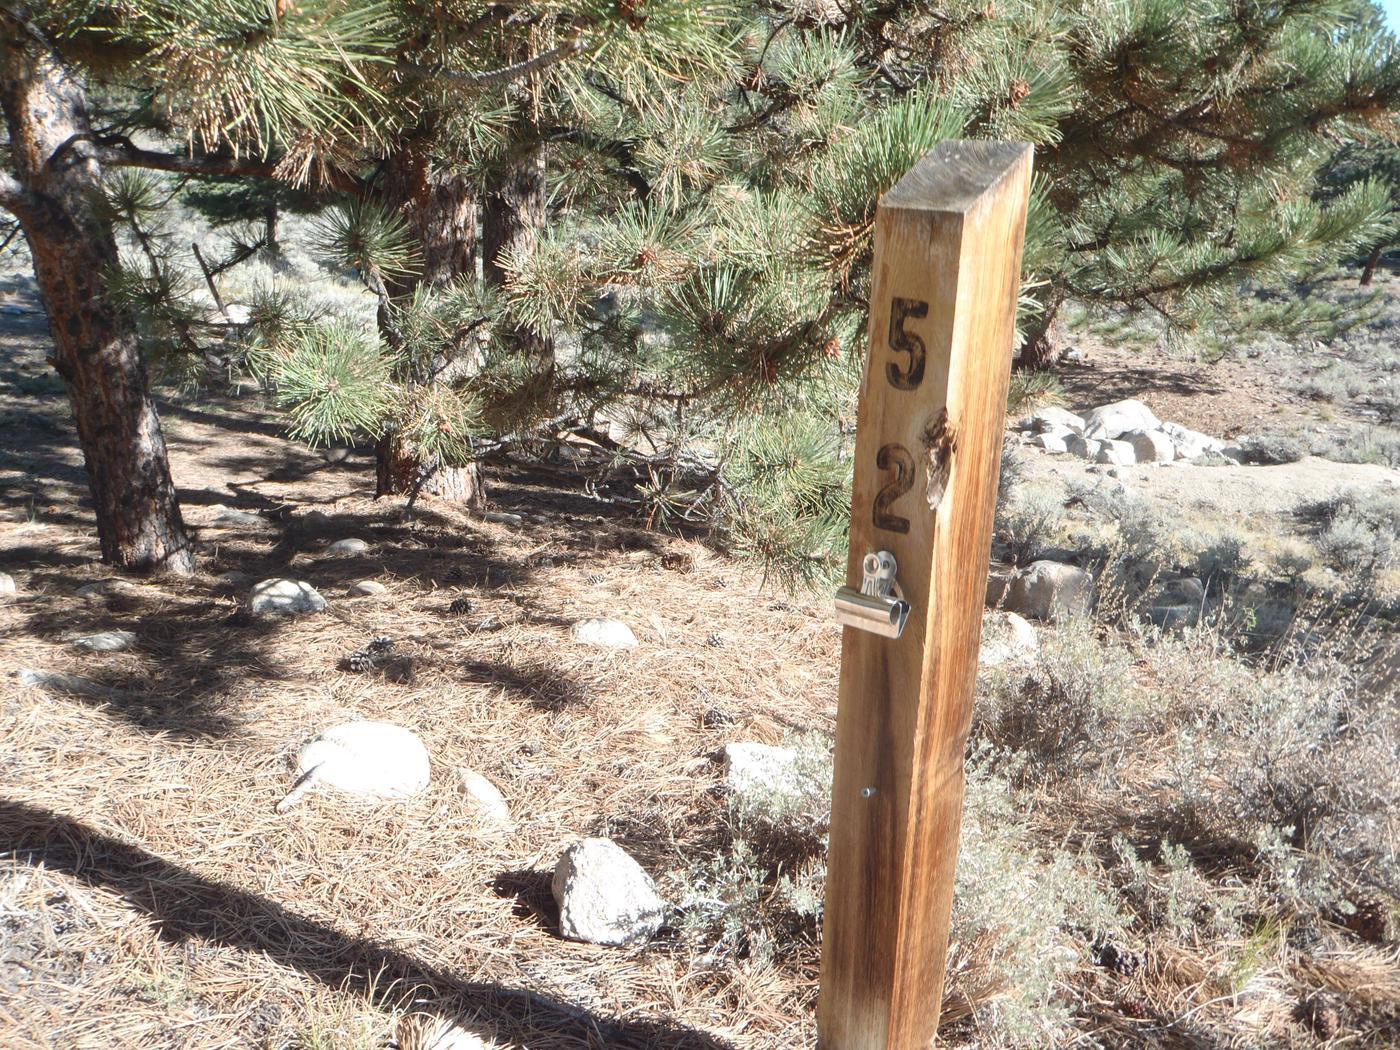 White Star Campground, site 52 marker 2